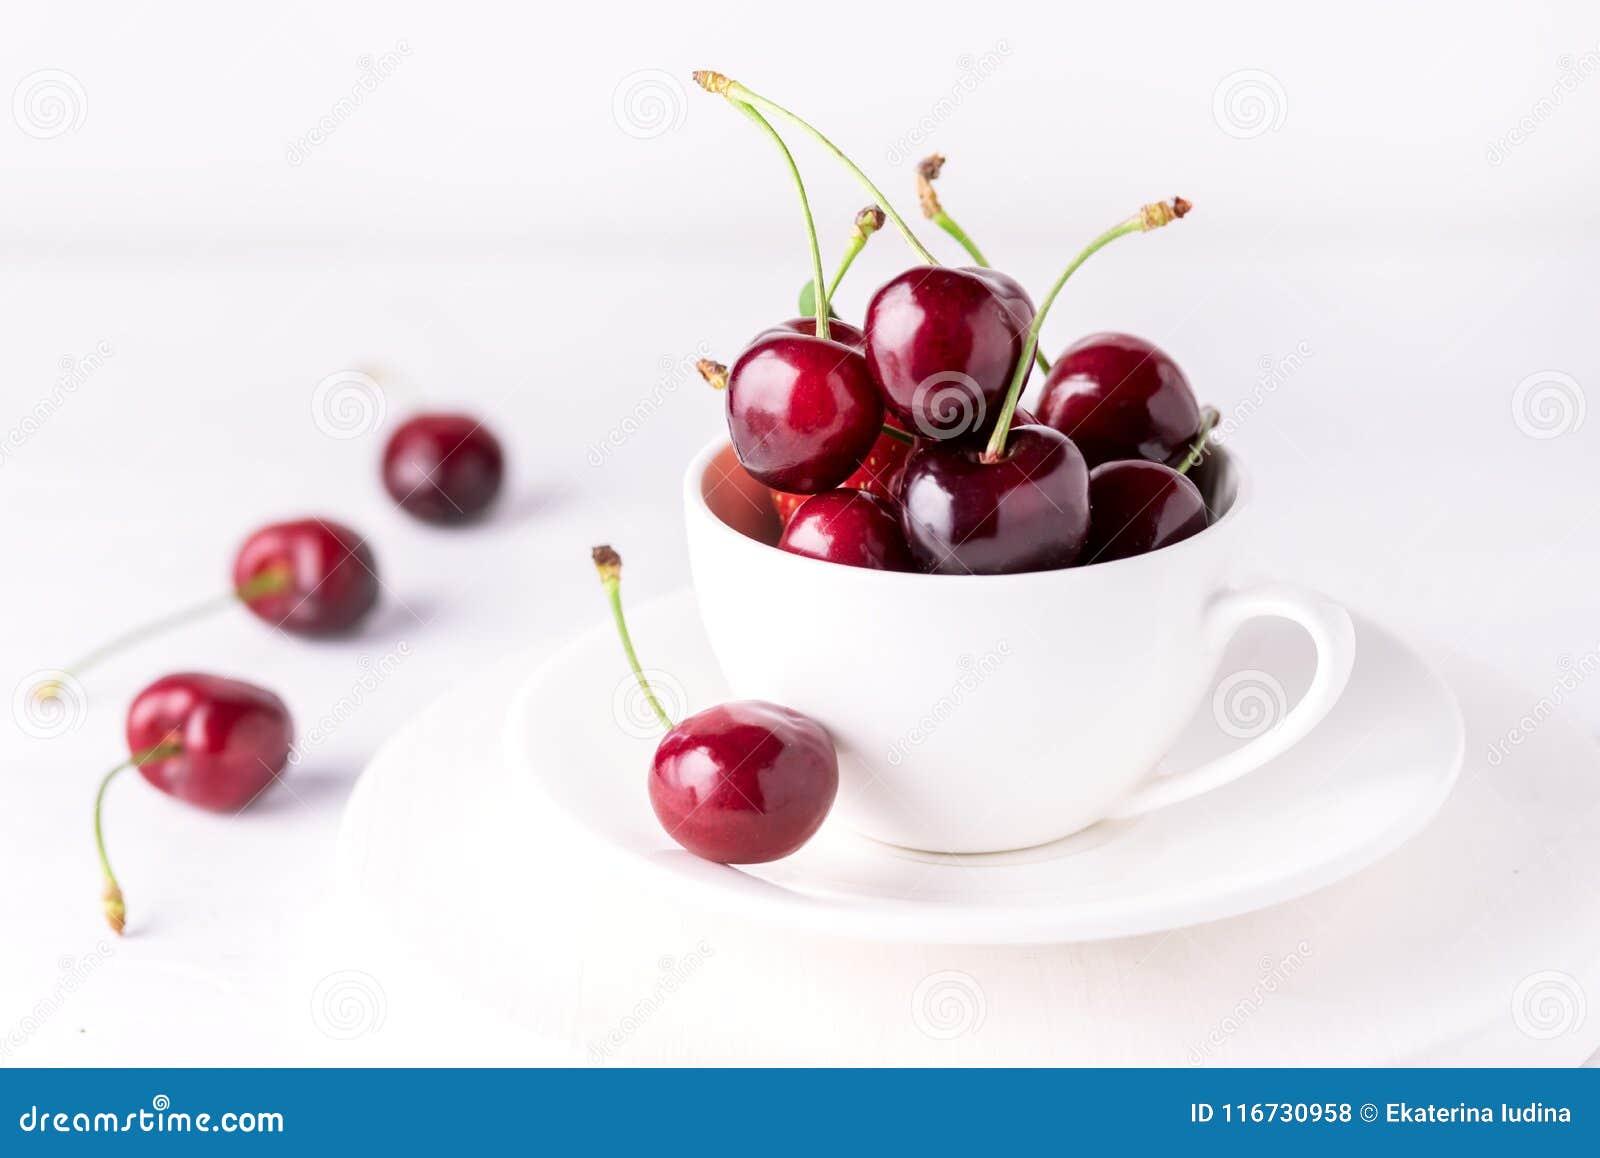 Ny och härlig körsbär i en vit kopp mogna saftiga Cherry Close Up White Background